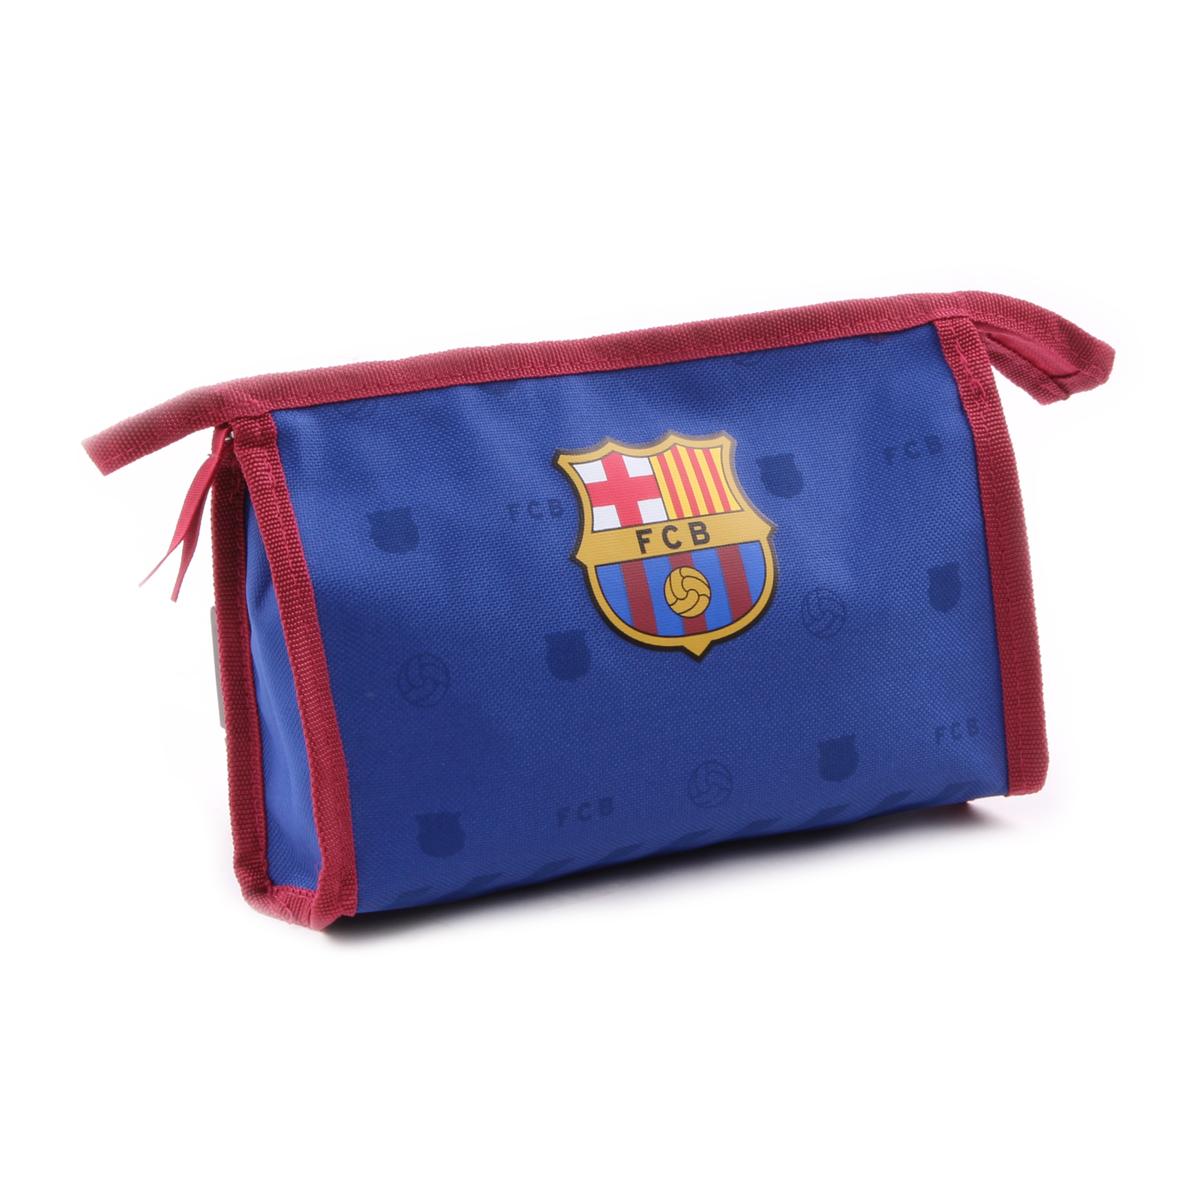 Trousse de toilette \'FC Barcelona\' bleu rouge - 23x15x7 cm - [Q1927]